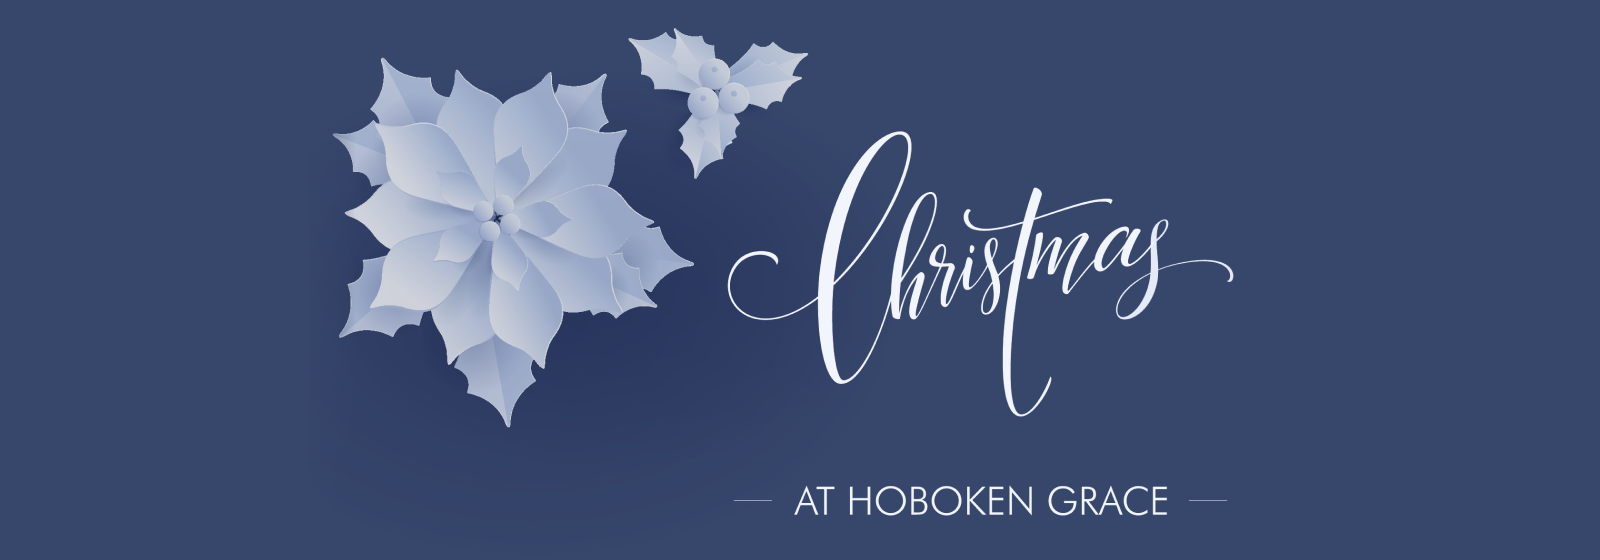 Christmas at Hoboken Grace